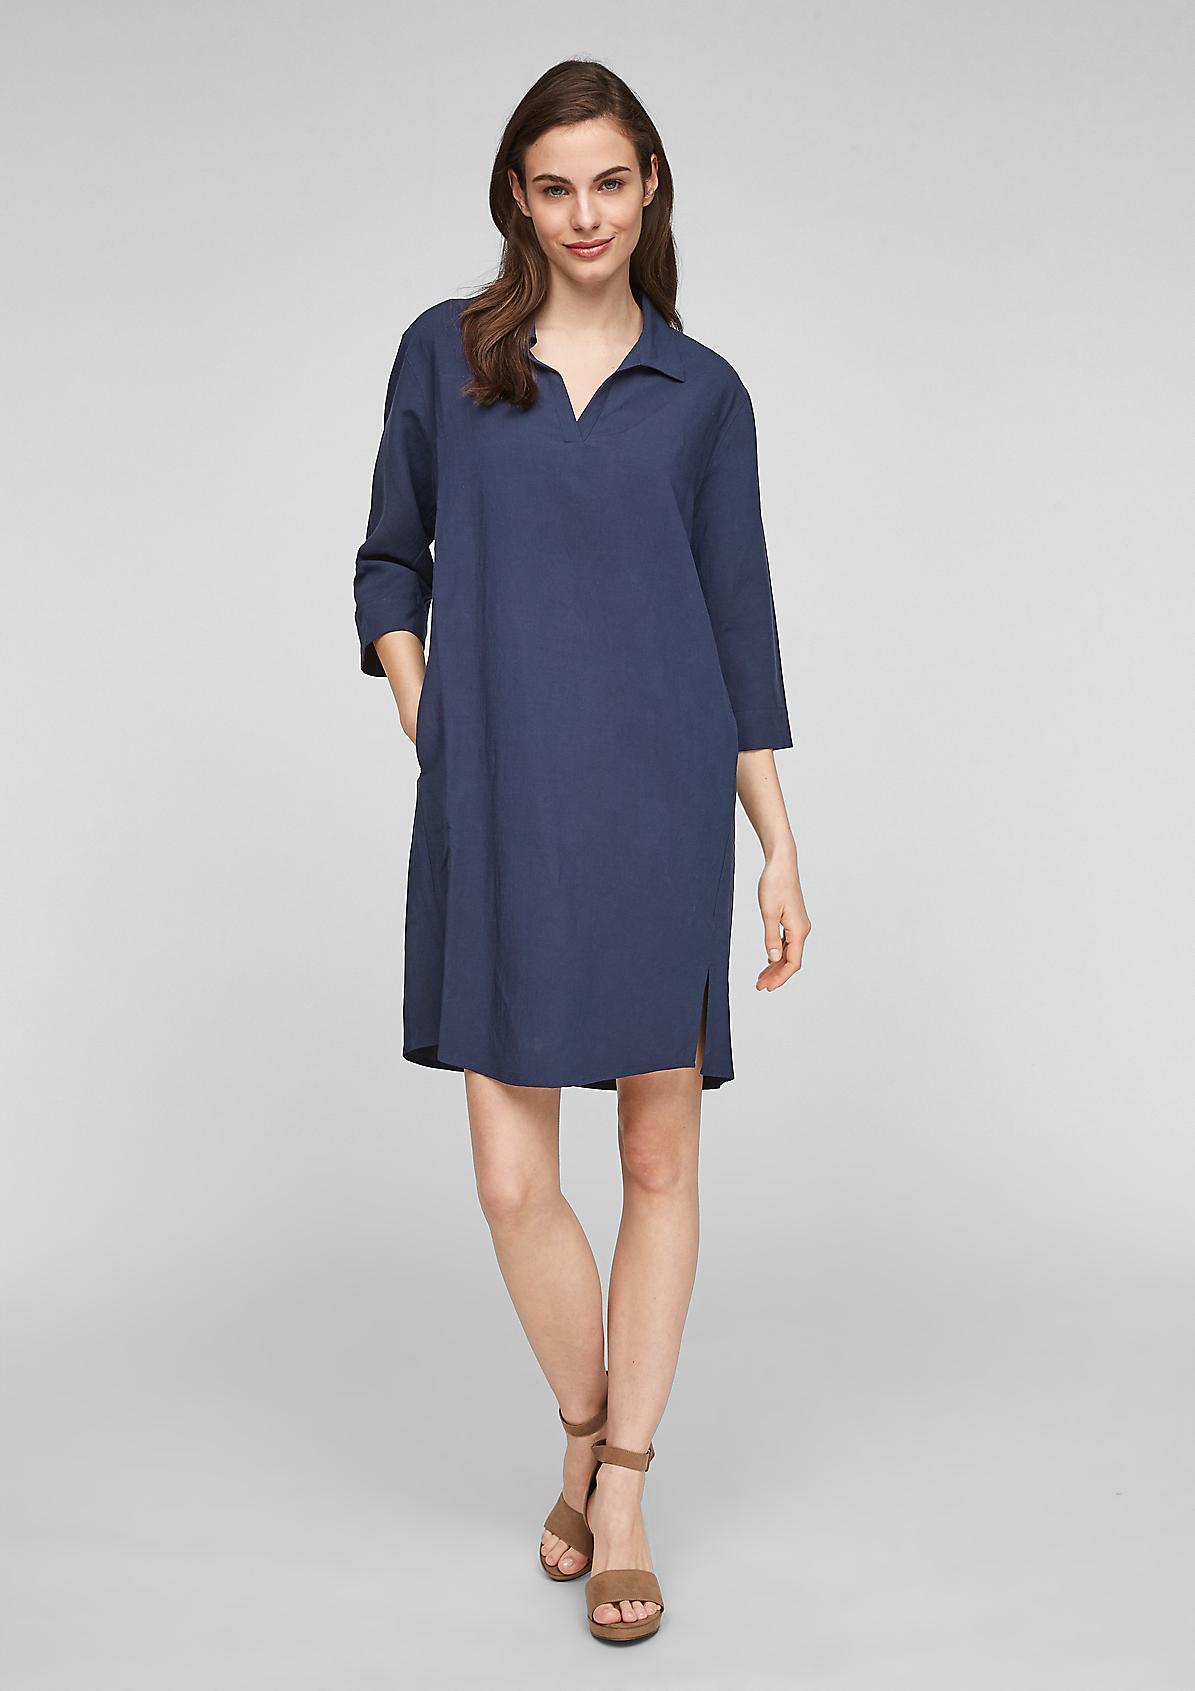 Blended linen shirt dress from comma